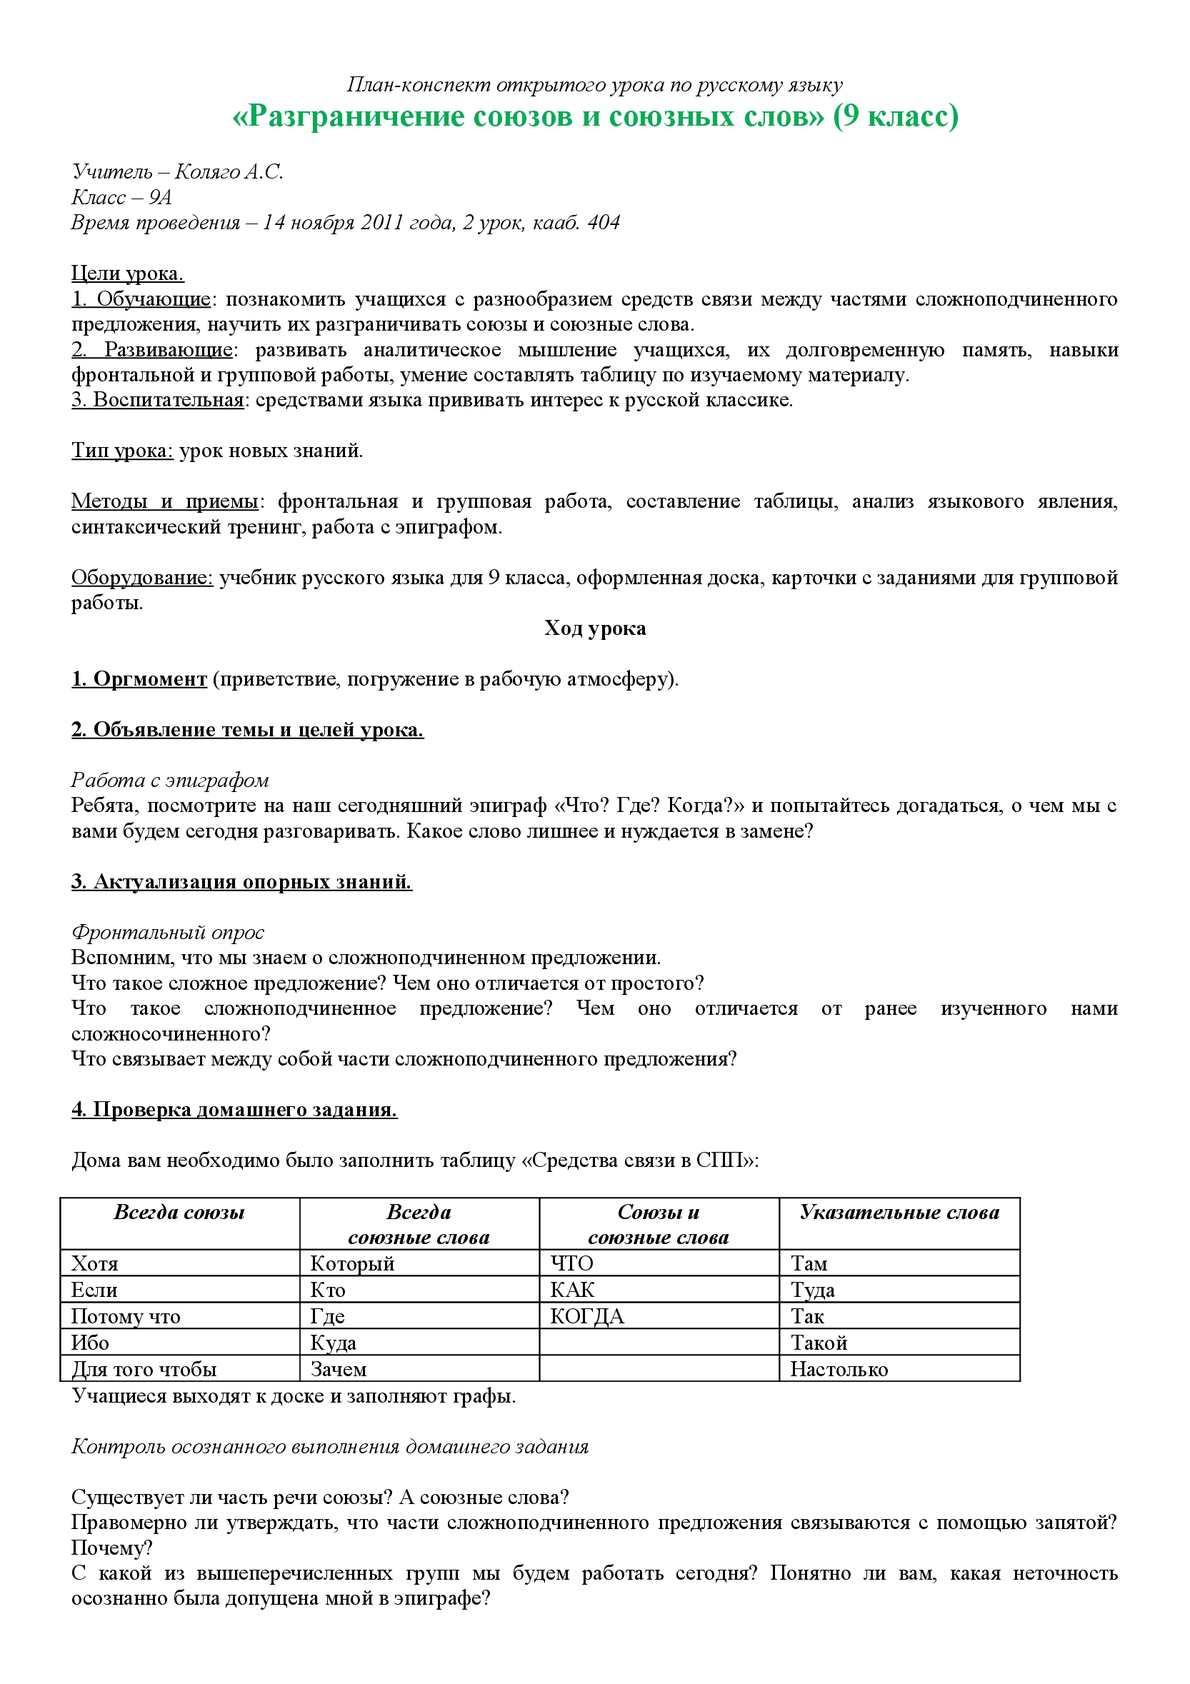 """""""Разграничение союзов и союзных слов"""" - план-конспект открытого урока по русскому языку"""